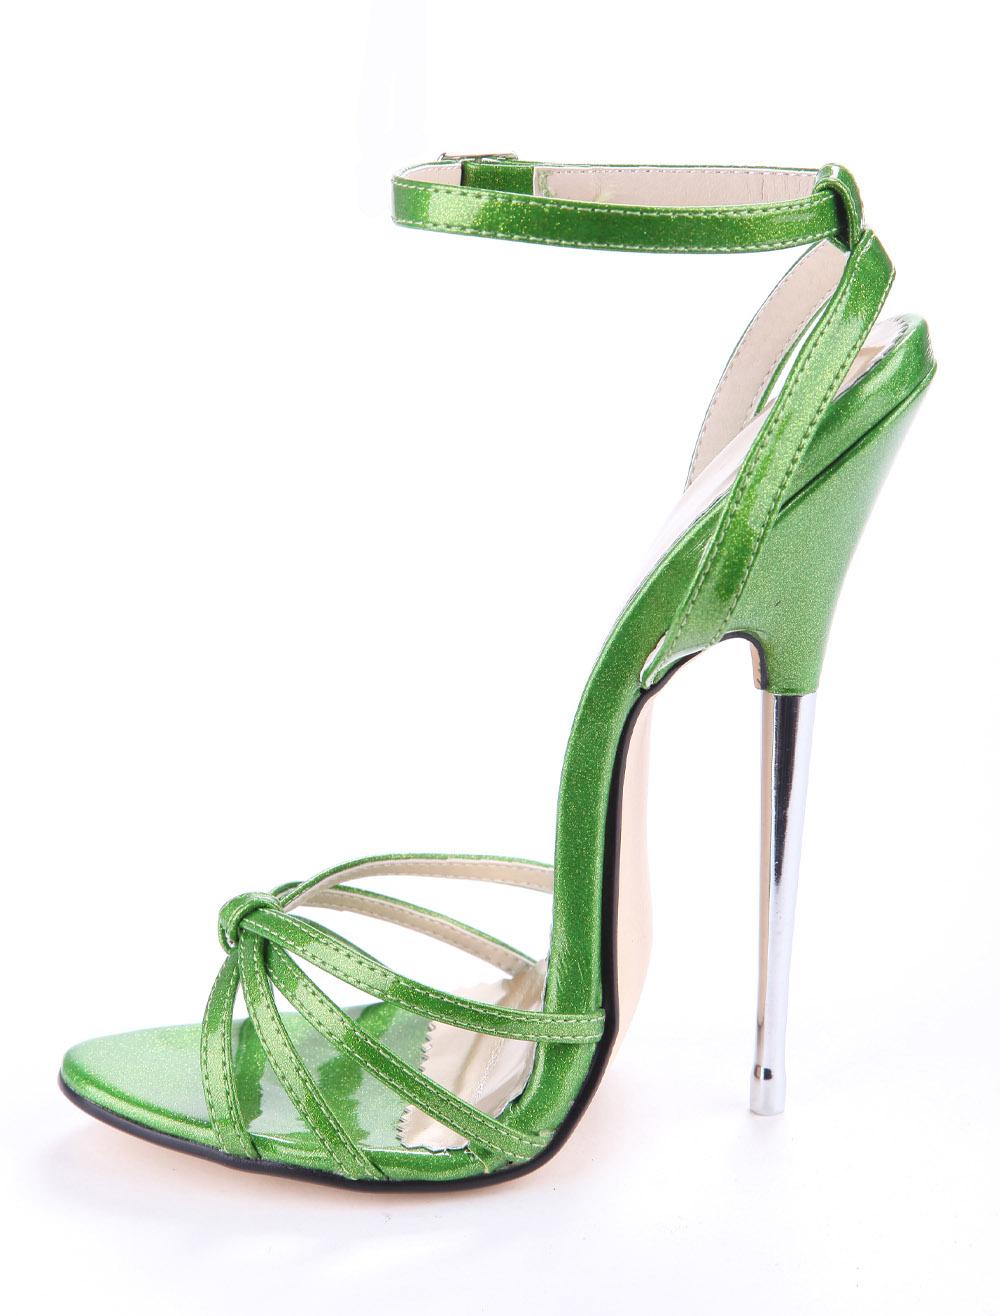 2019新款性感16cm绿色金属跟女凉鞋